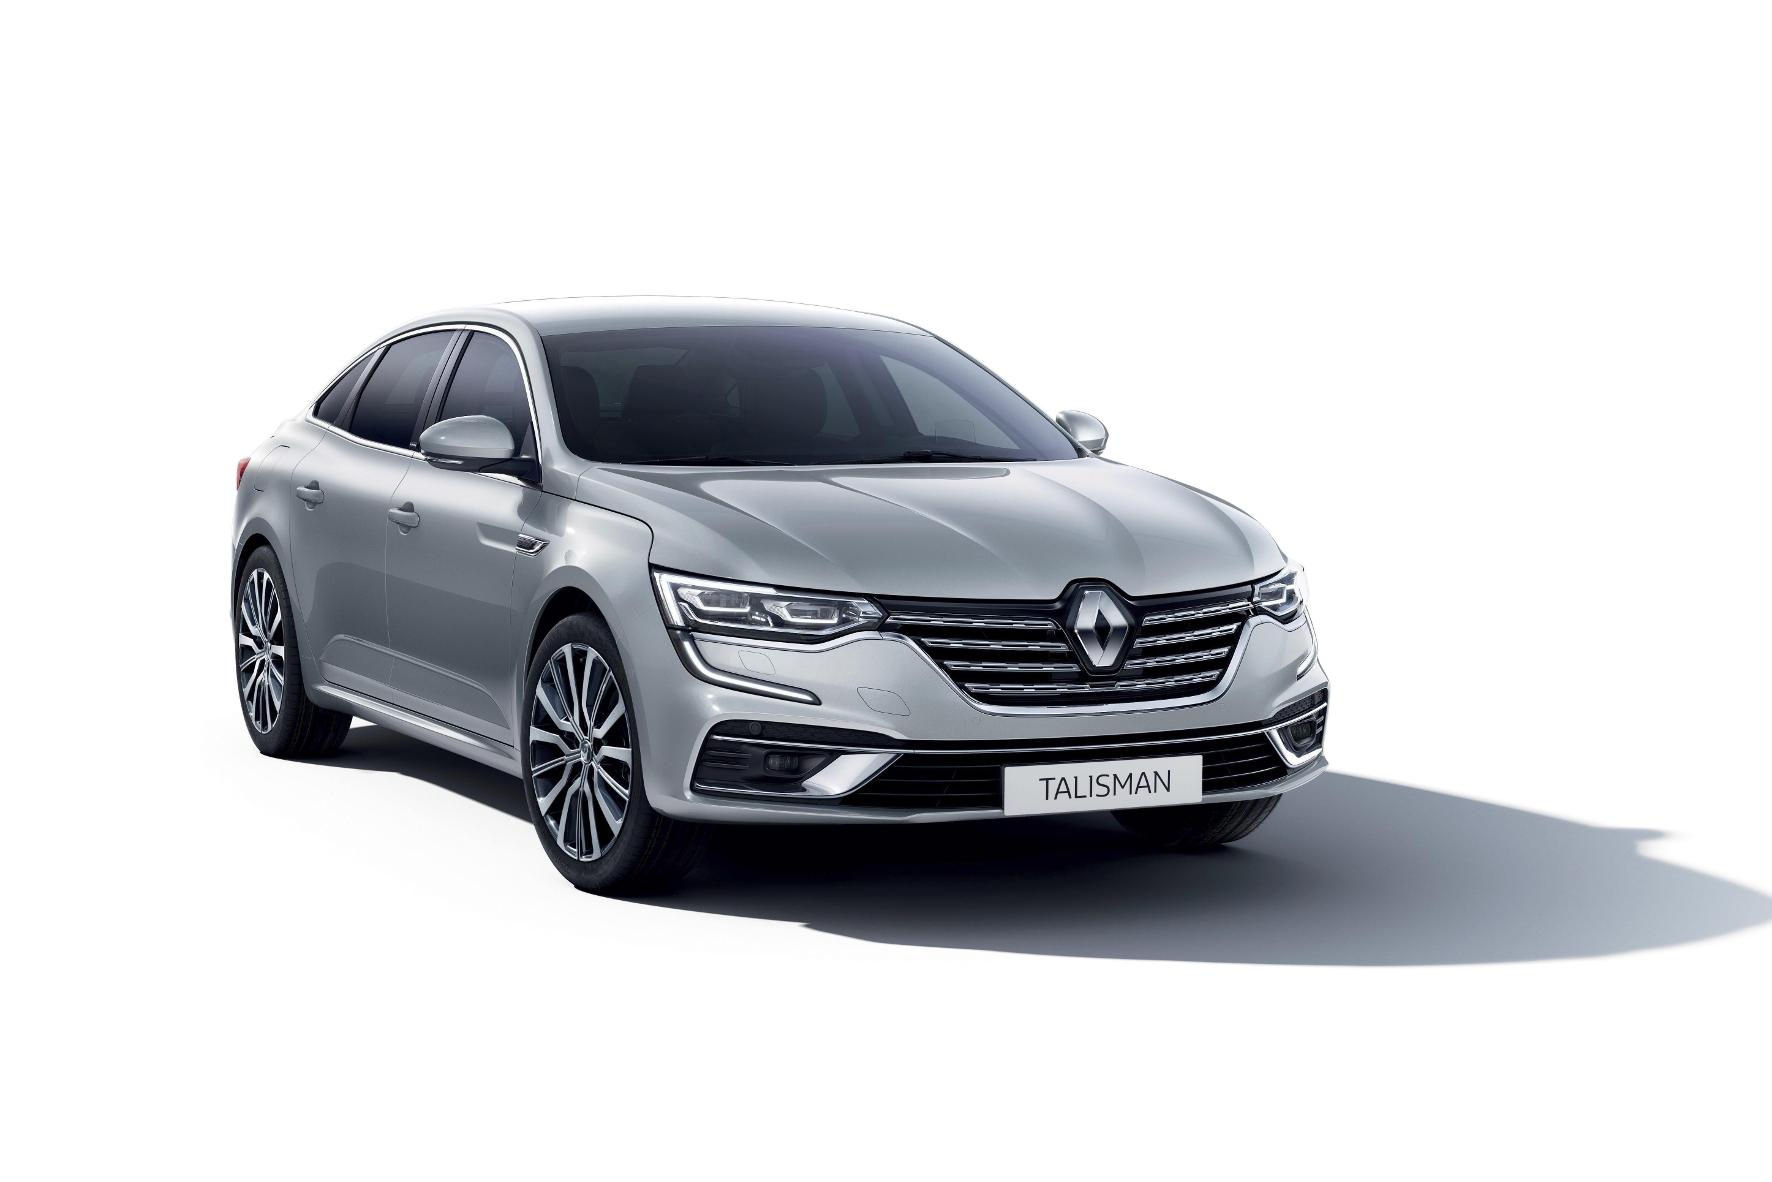 mid Groß-Gerau - Der neue Renault Talisman kommt ab Juni 2020. Renault